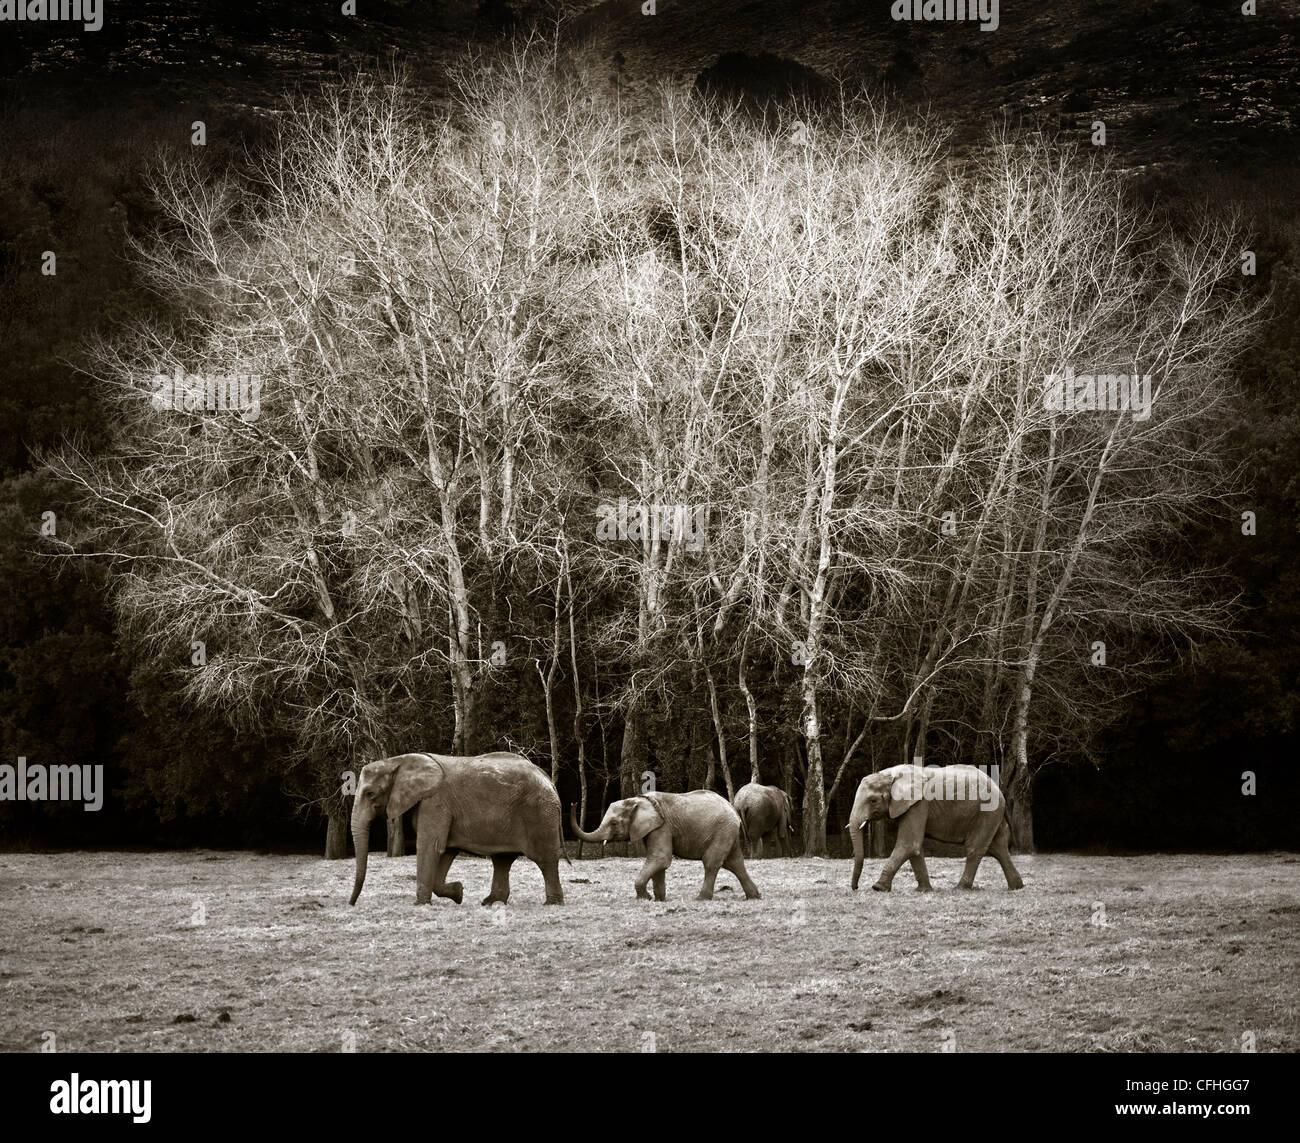 Tres elefantes africanos caminar, Cabarceno, España Imagen De Stock